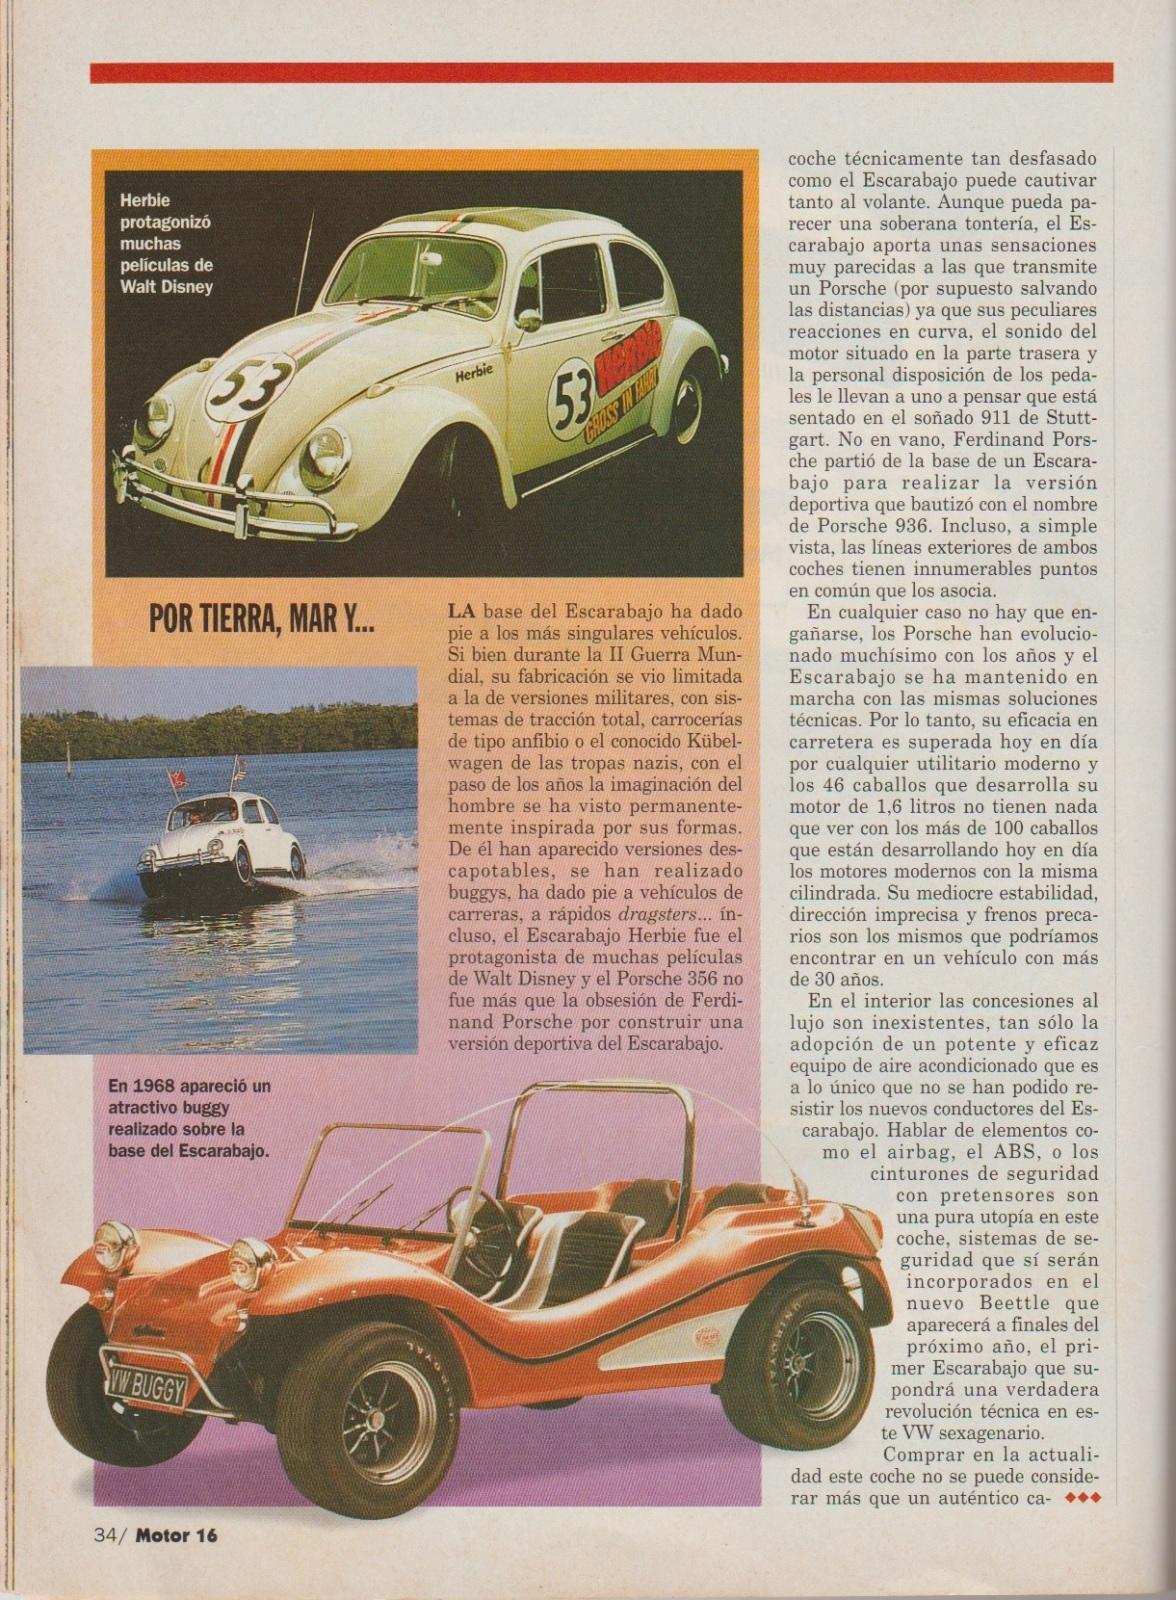 Prueba del Escarabajo 1600i por Motor 16 (1996) Aw408w